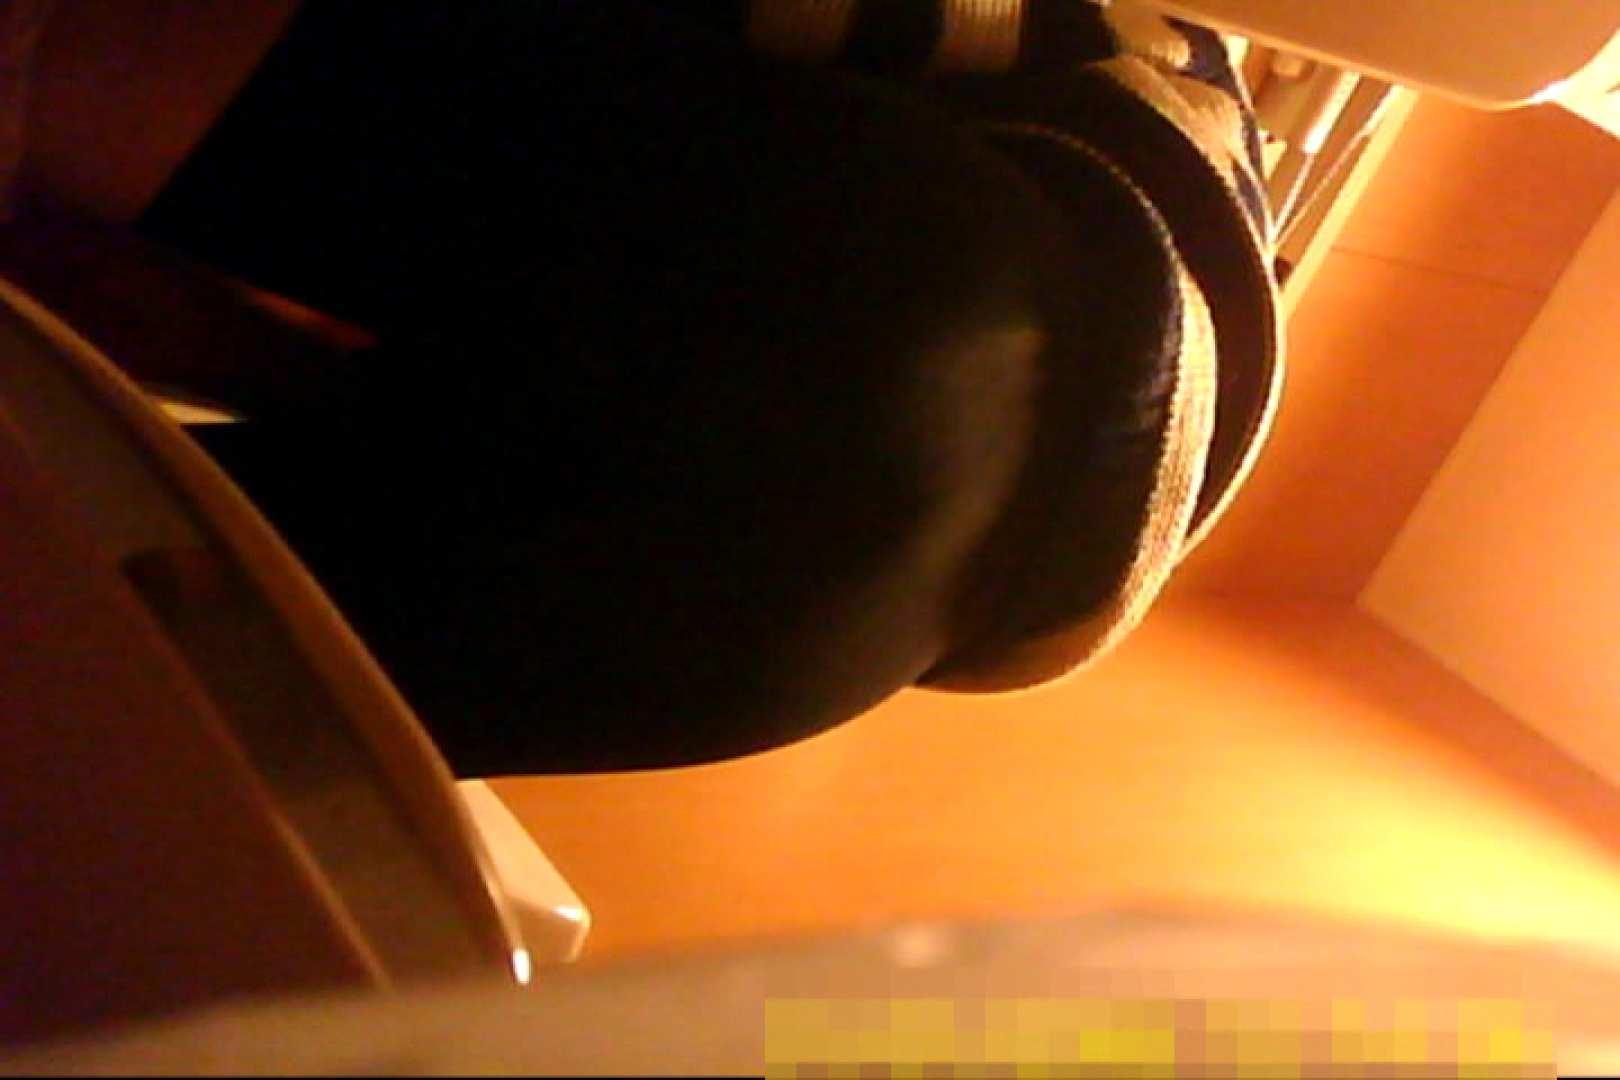 魅惑の化粧室~禁断のプライベート空間~vol.6 チラ歓迎 ワレメ無修正動画無料 75pic 43